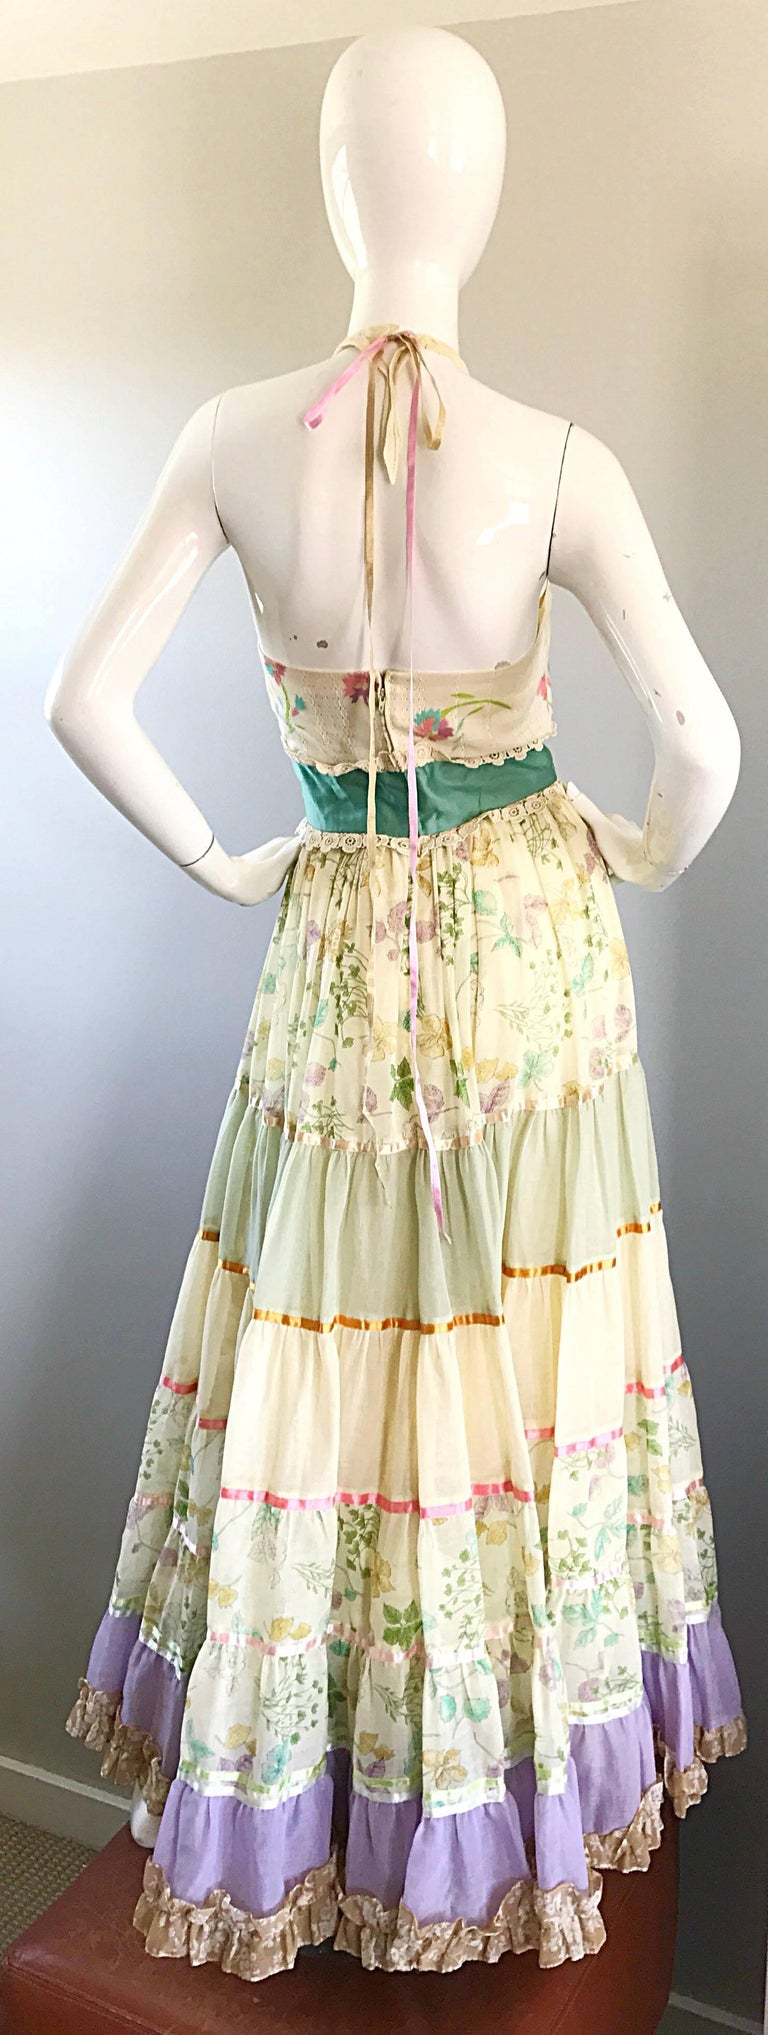 Giorgio di Sant Angelo 1970s Rare Colorful Cotton Voile Vintage 70s Maxi Dress 4